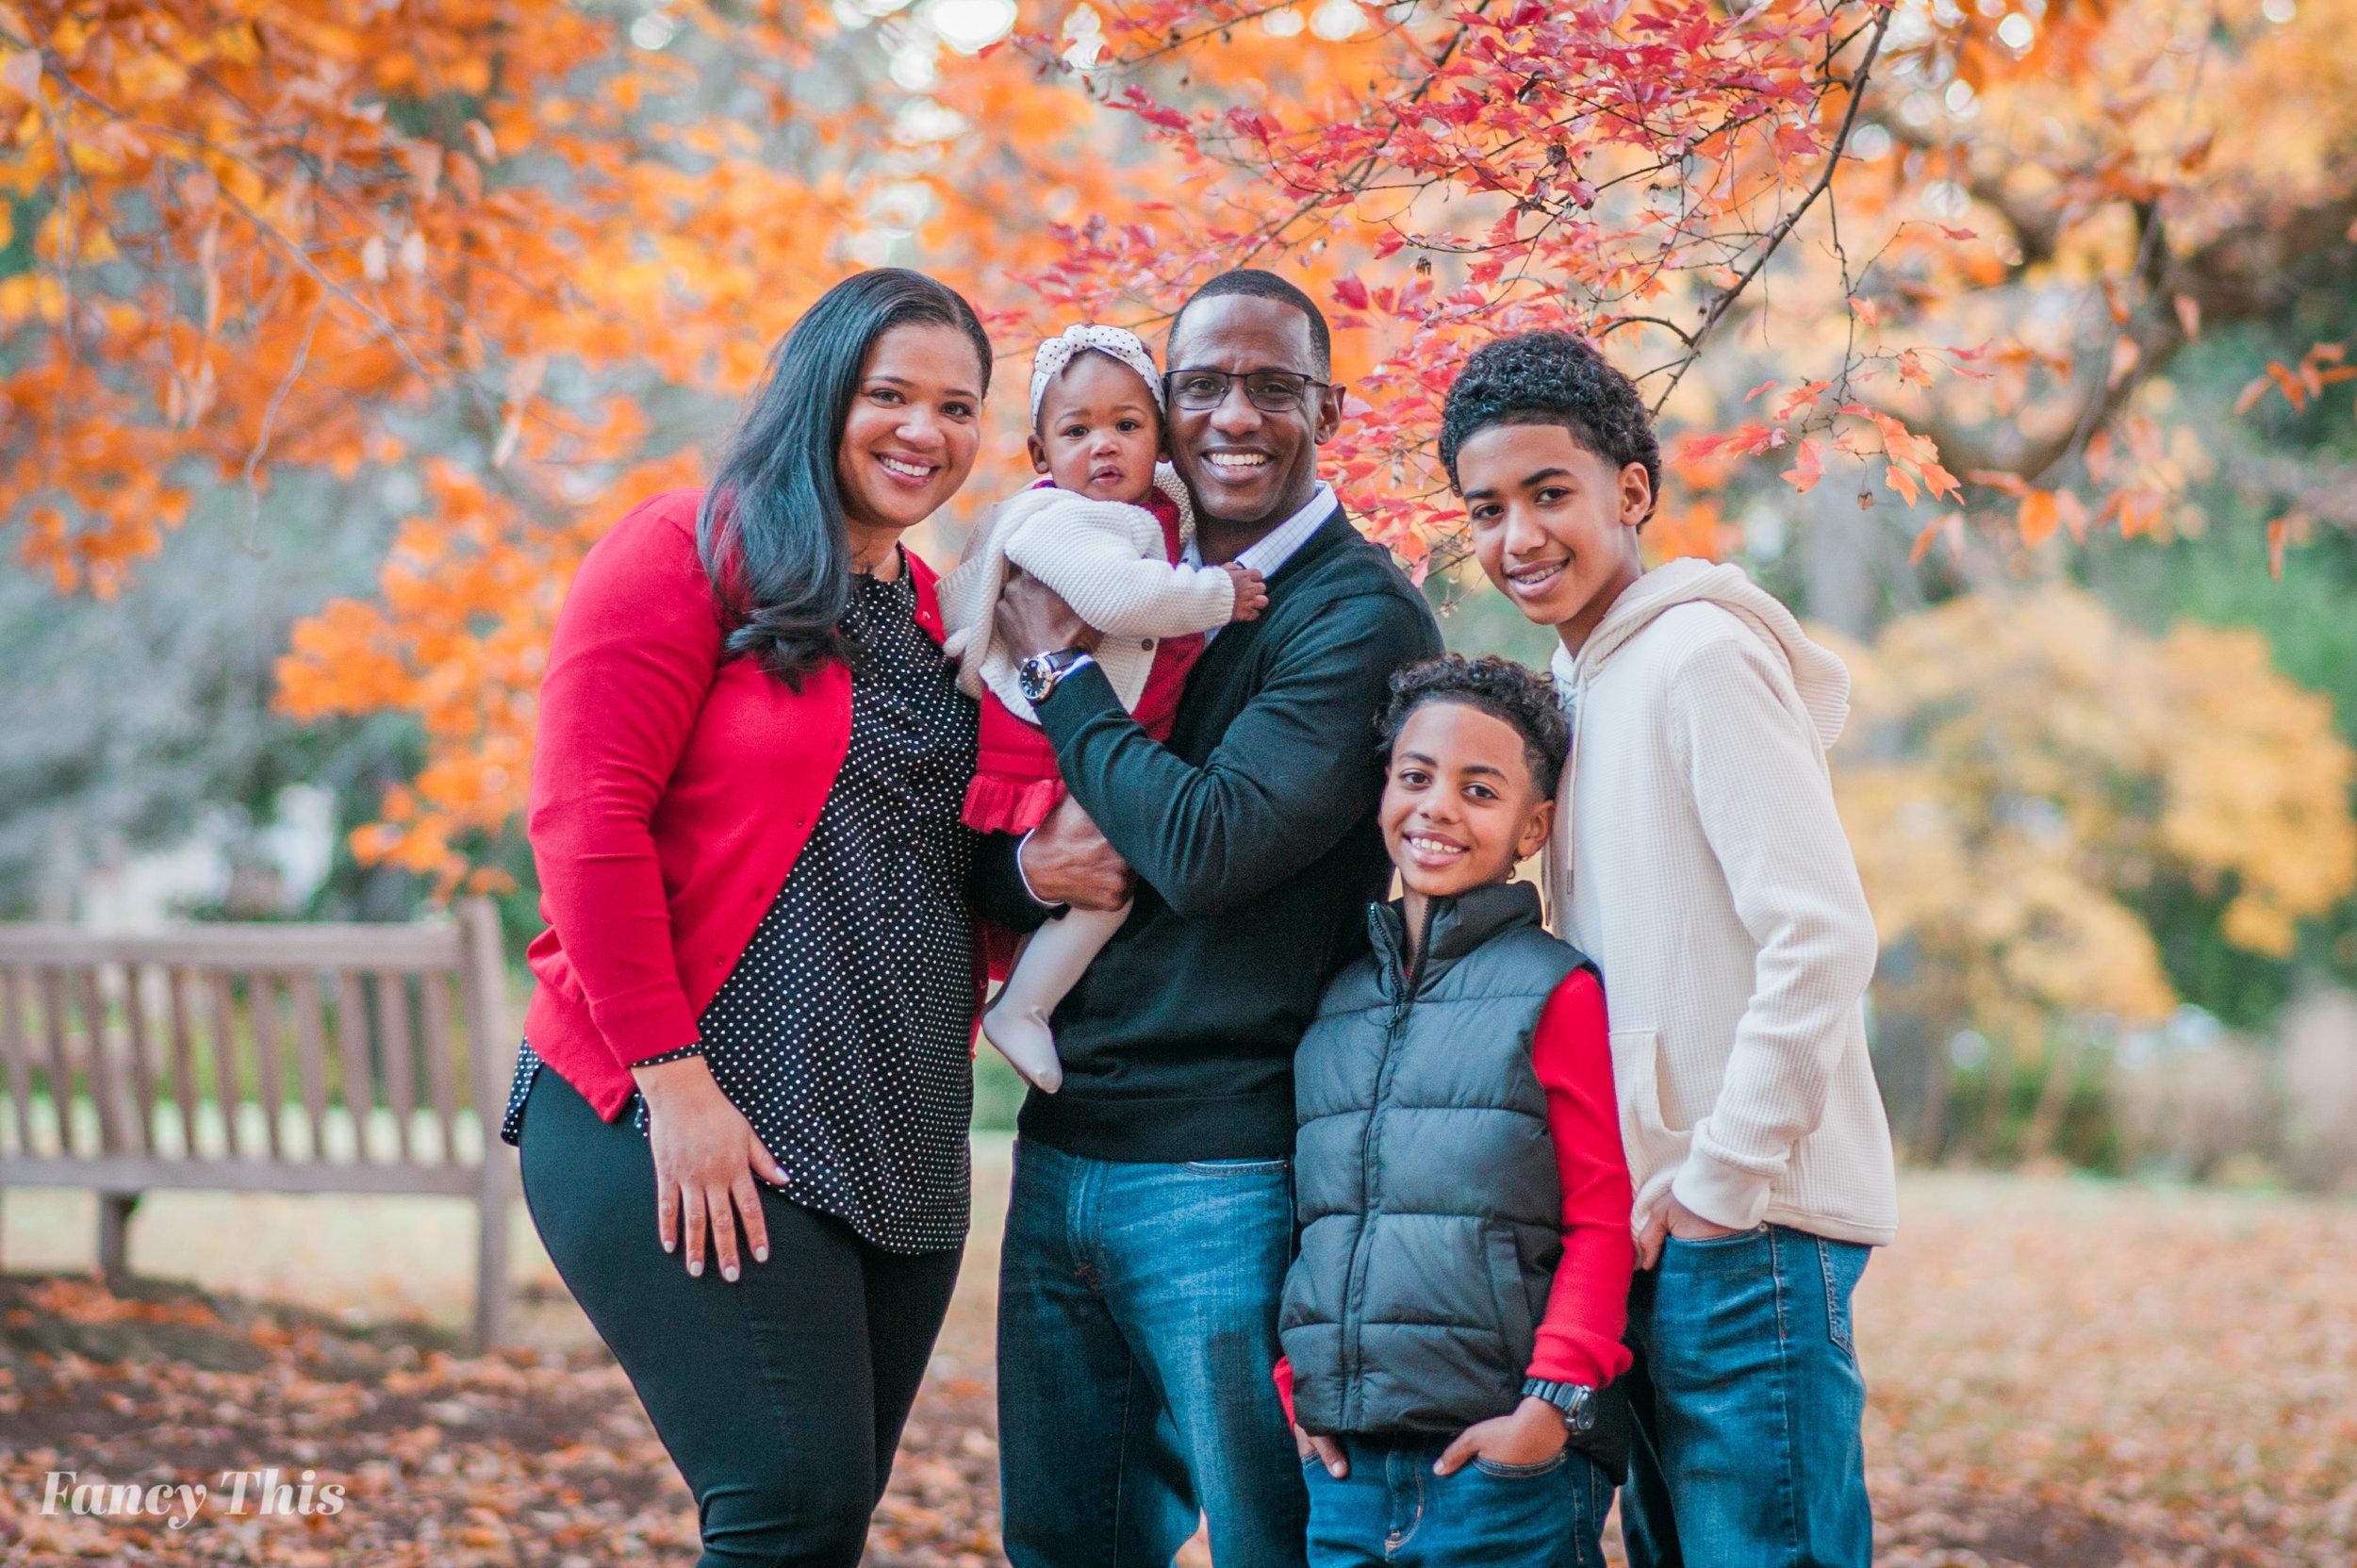 brownfamily_socialmediaready-8.jpg